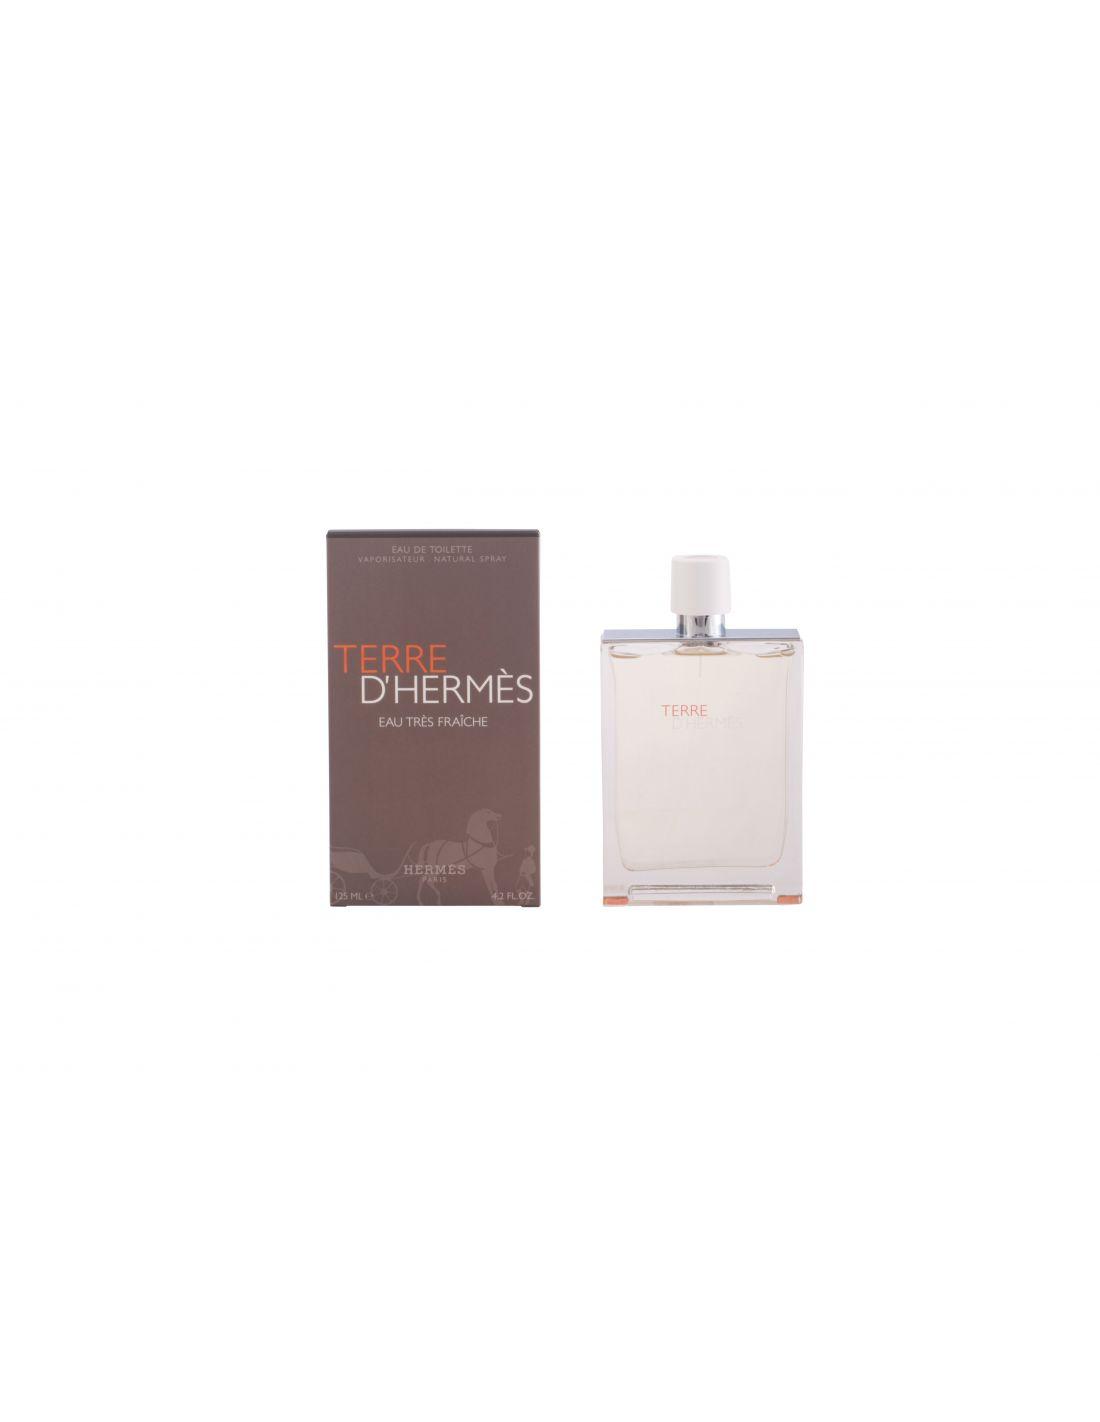 perfume terre d 39 herm s eau tres fraiche eau de toilette 125 ml perfumes 24. Black Bedroom Furniture Sets. Home Design Ideas